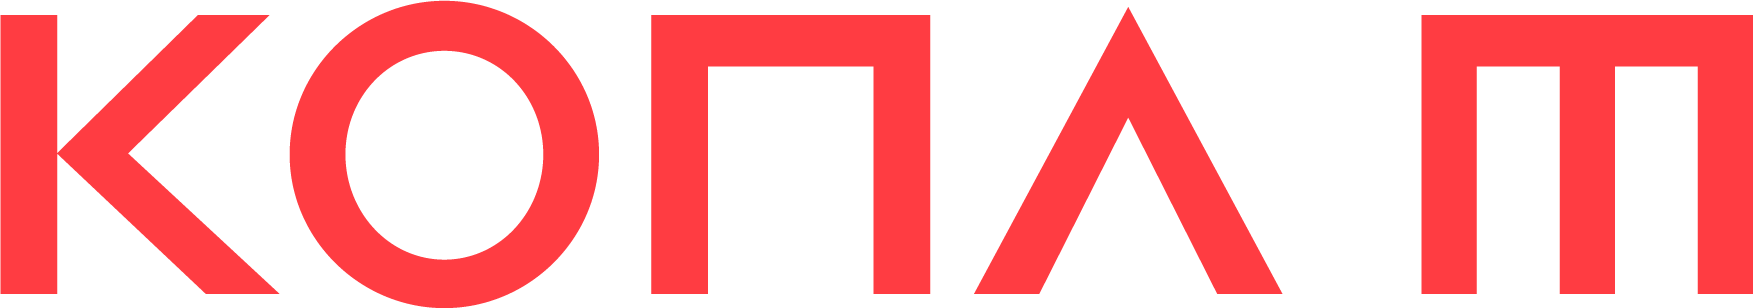 코나엠의 계열사 코나엠(주)의 로고